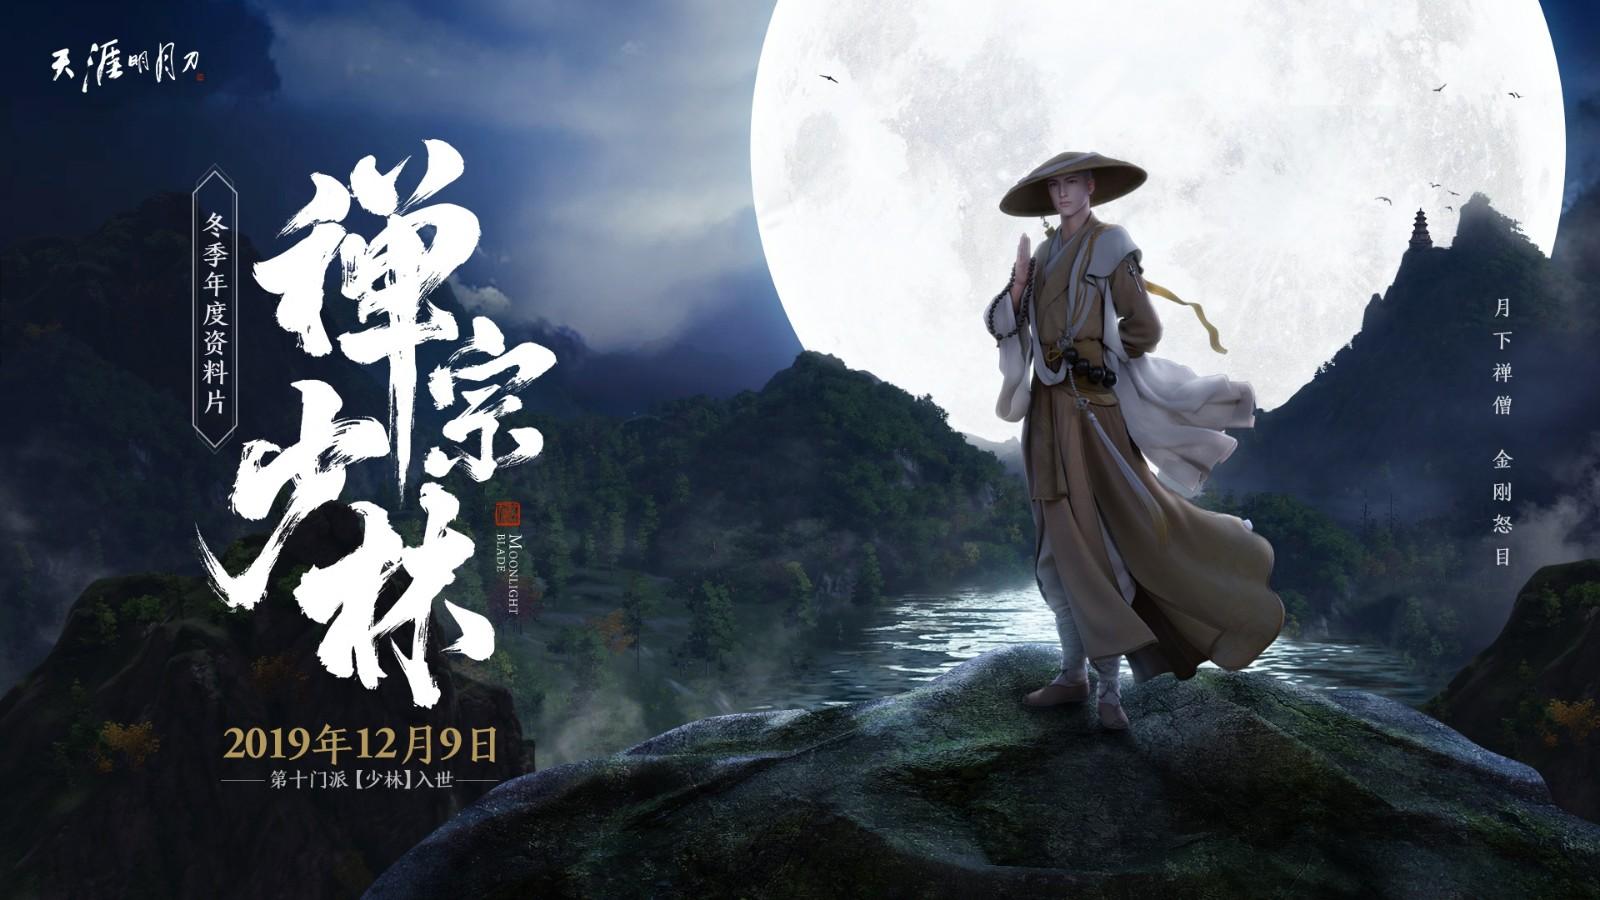 Cận cảnh phái 'sư cọ' trong Thiên Nhai Minh Nguyệt Đao Online, ra mắt ngày 09/12 - Hình 1